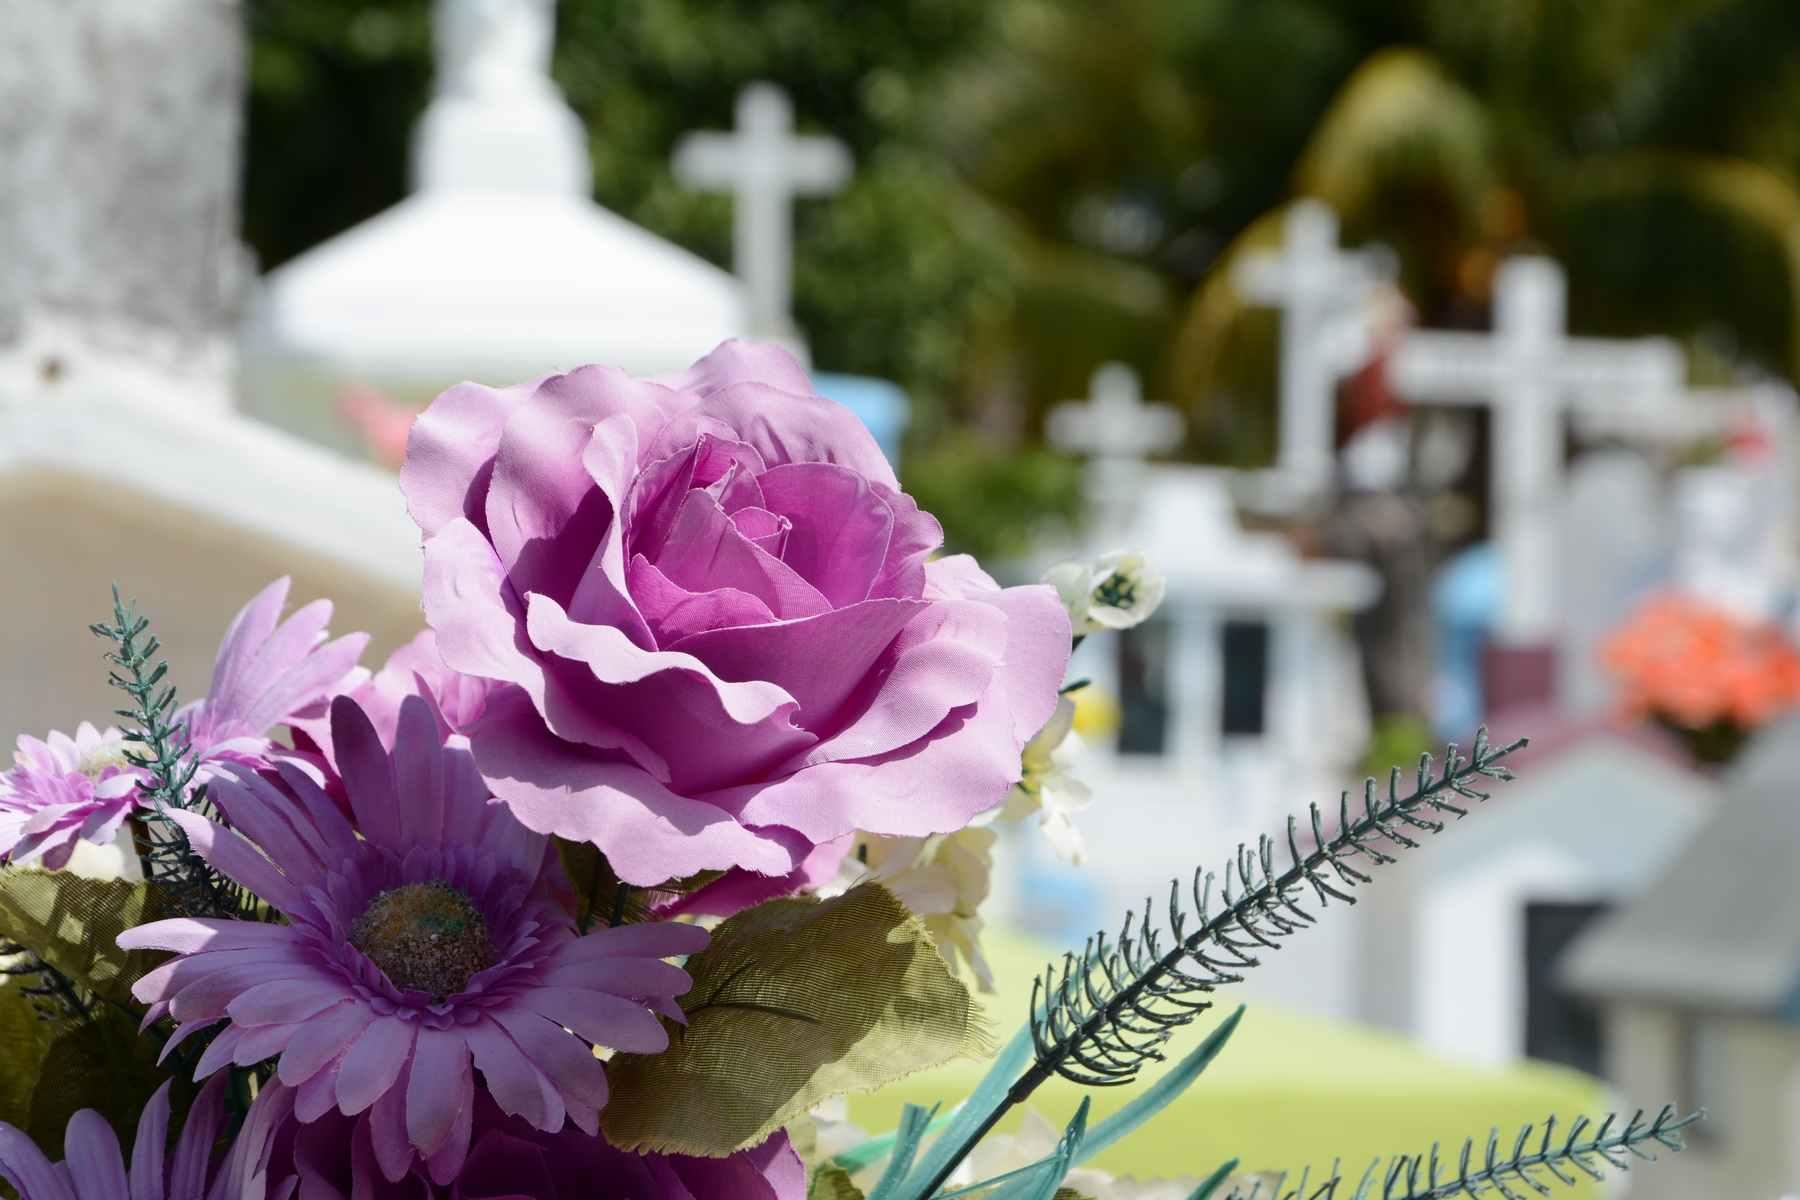 Новороссийцы возмущены запретом новых захоронений на Мефодиевском кладбище